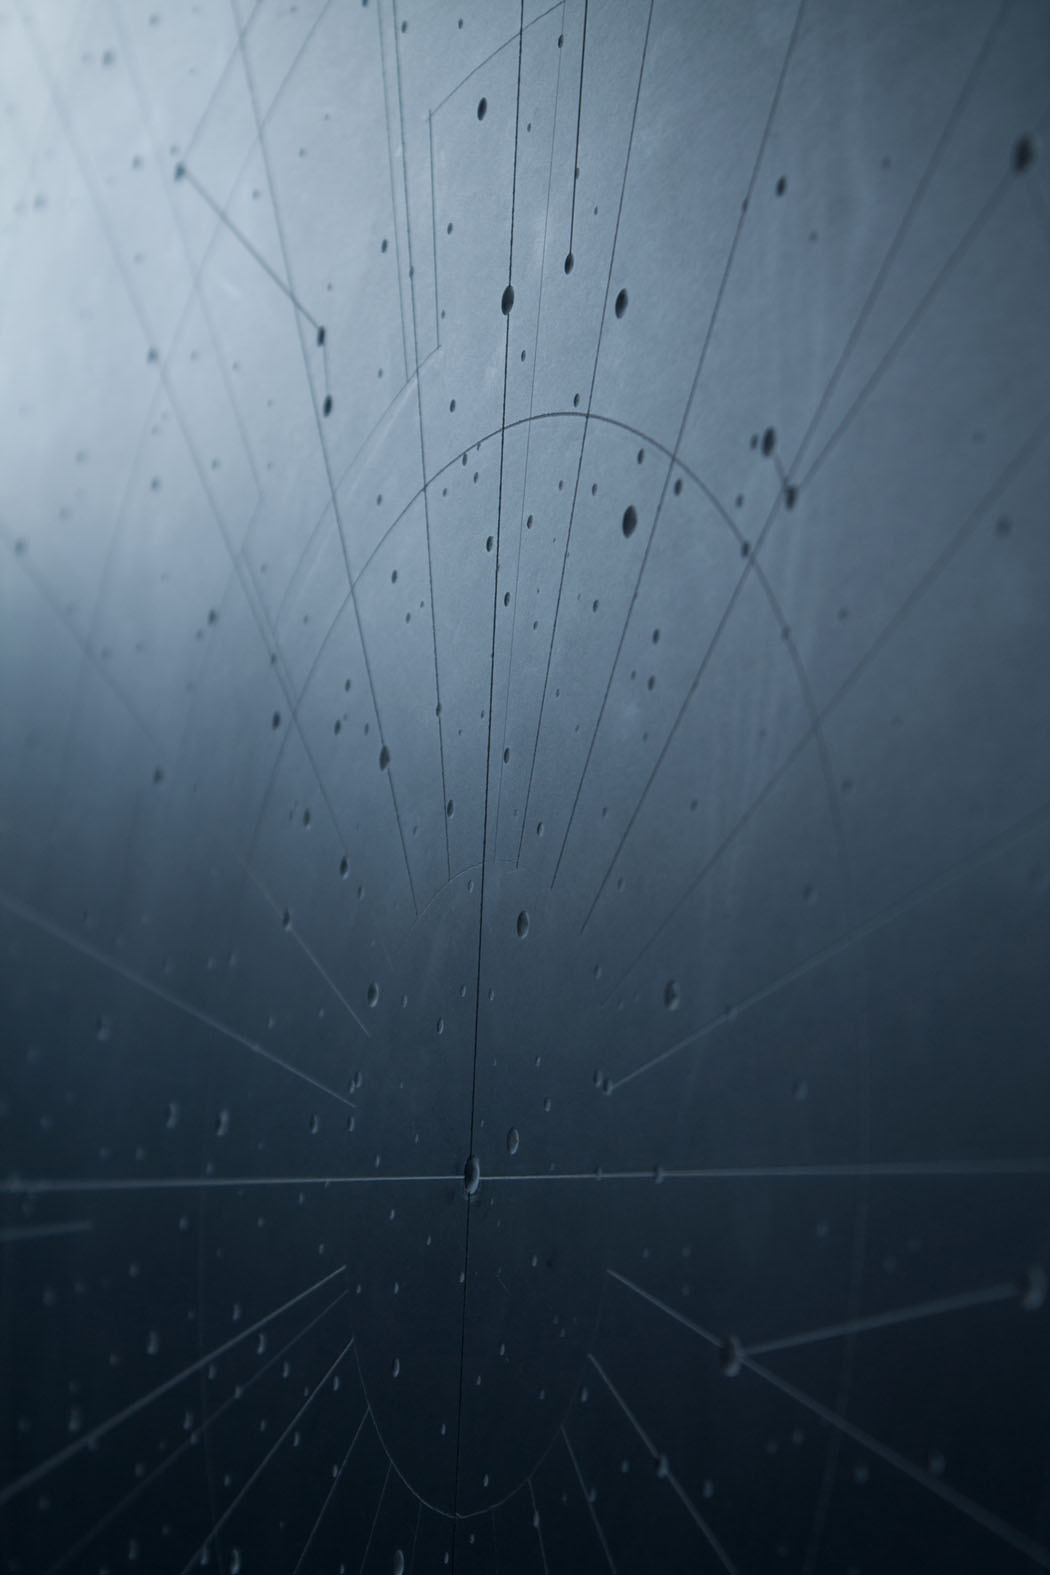 Dario Goldaniga, Mappa Stellare, particolare 2, incisioni su lavagna, 90x120 cm, 2016